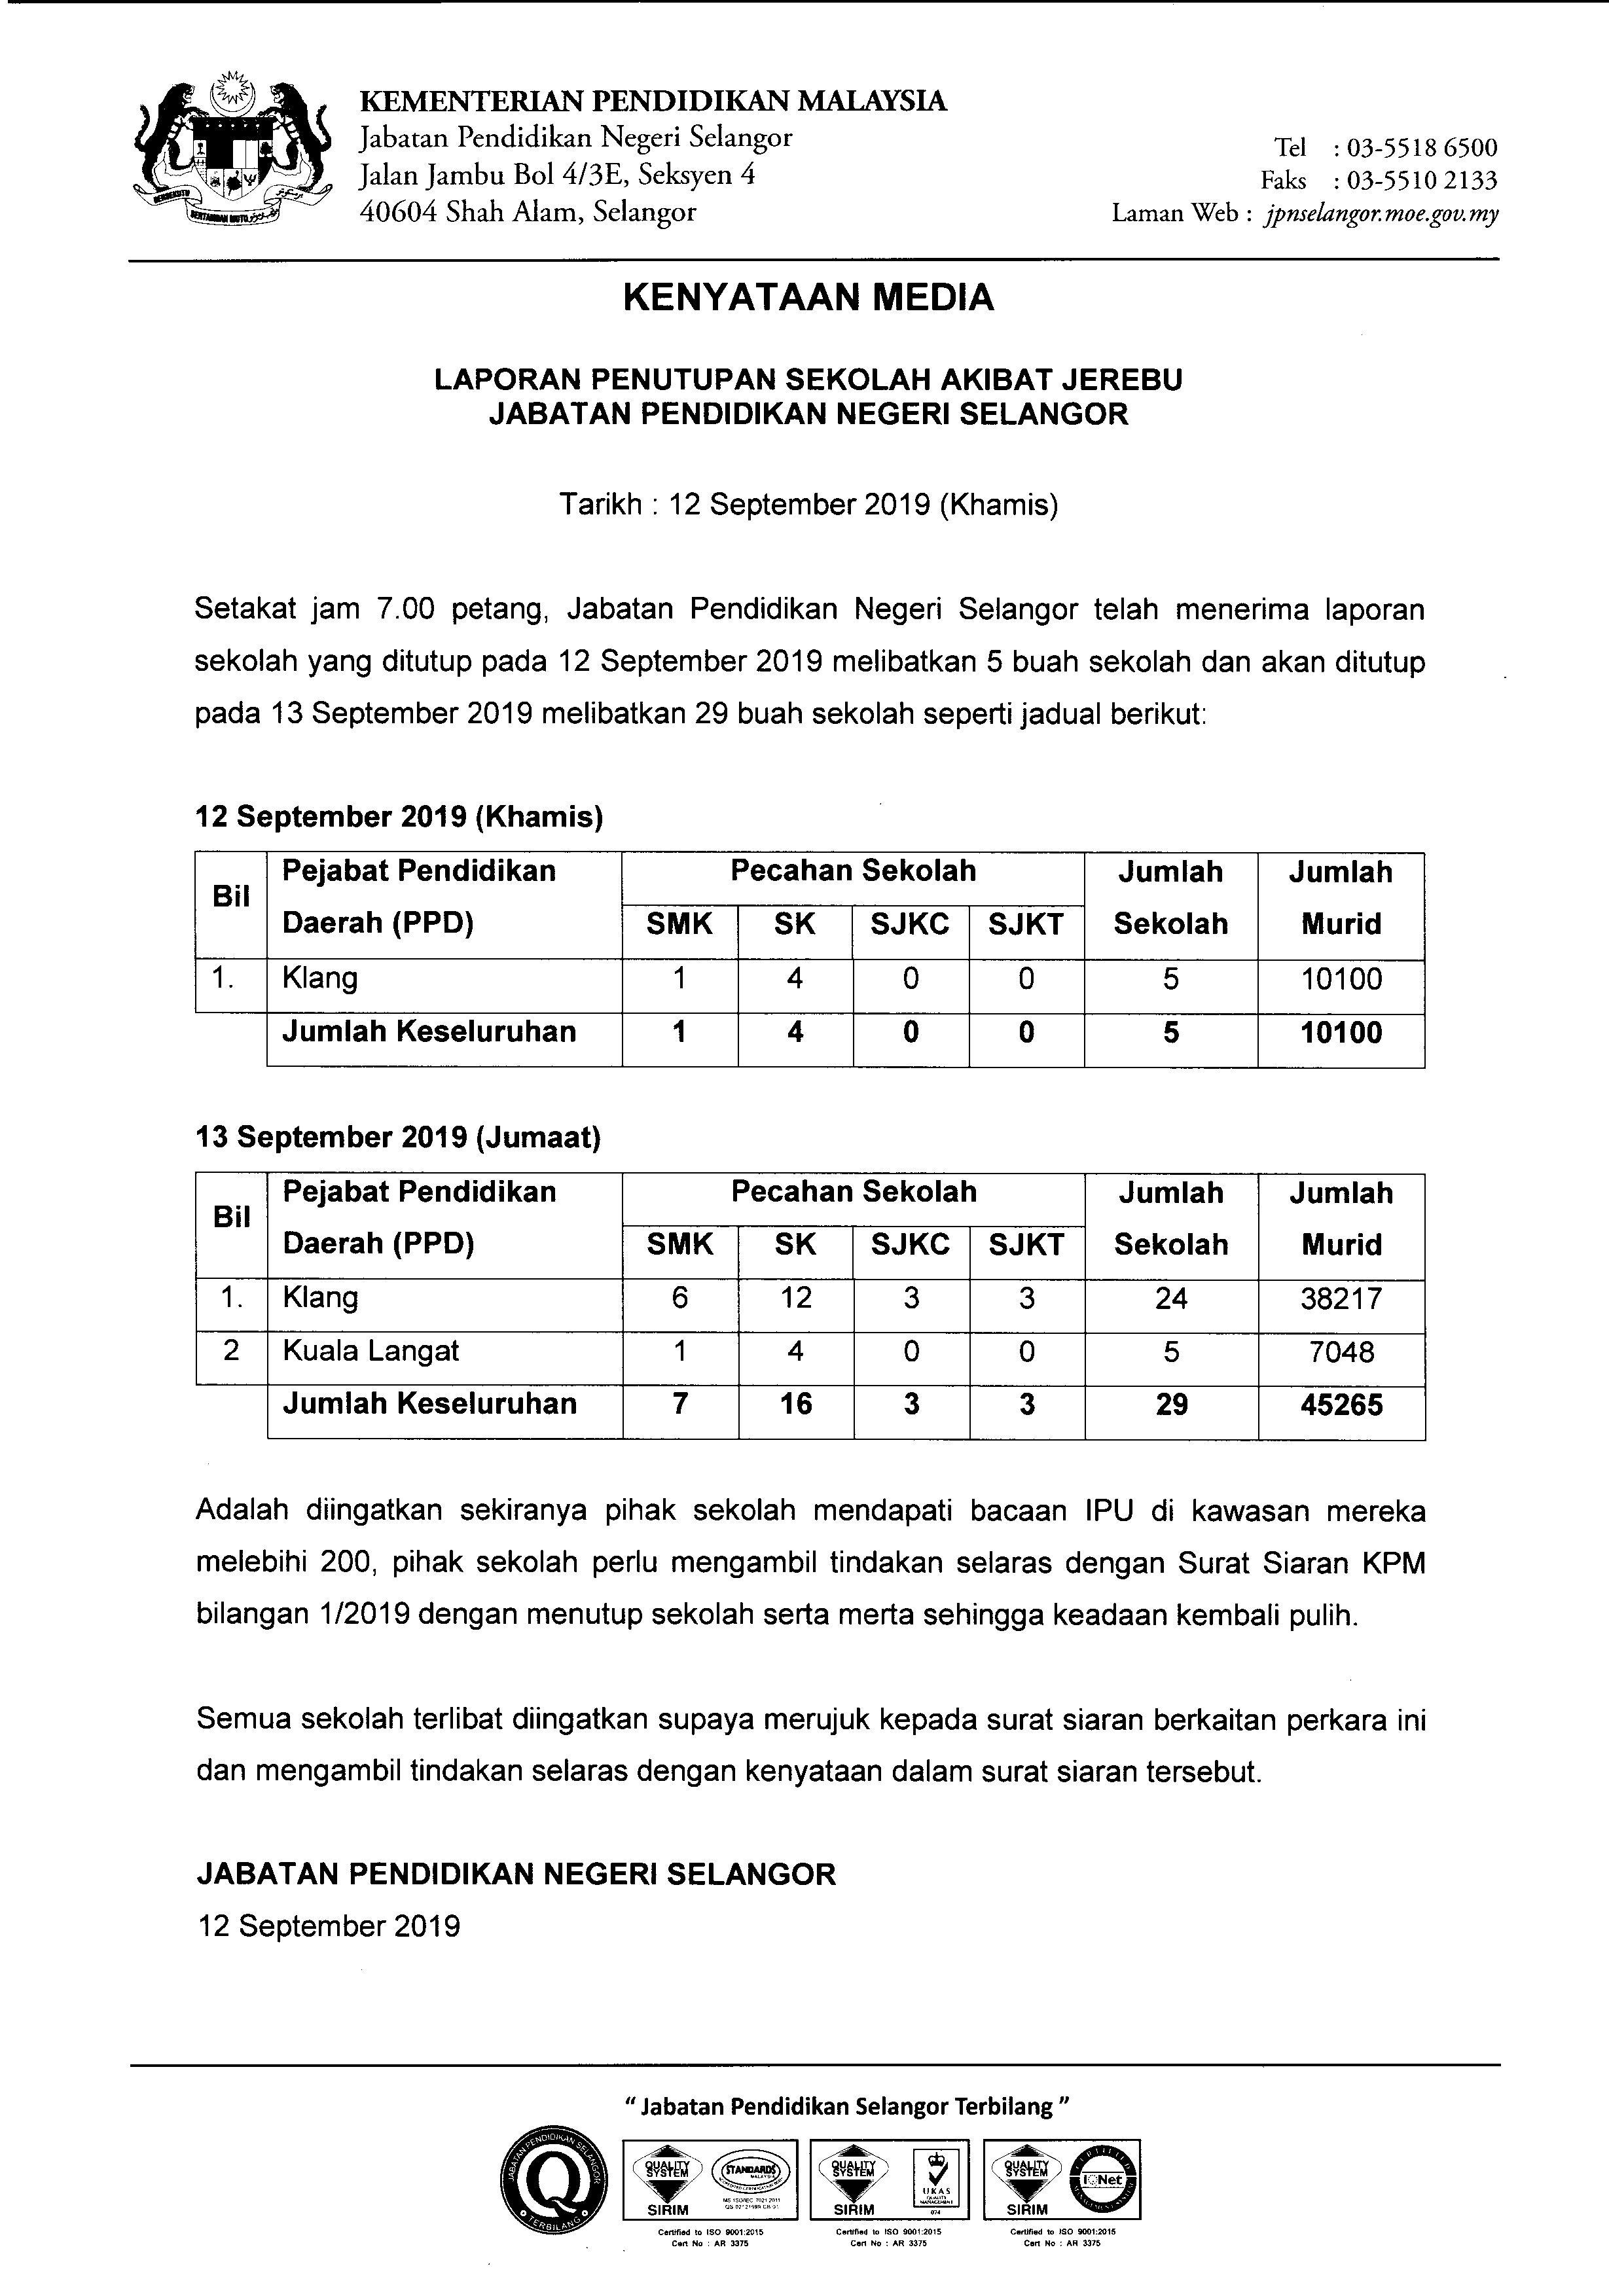 Kpm Kenyataan Media Laporan Penutupan Sekolah Akibat Jerebu Jabatan Pendidikan Negeri Selangor